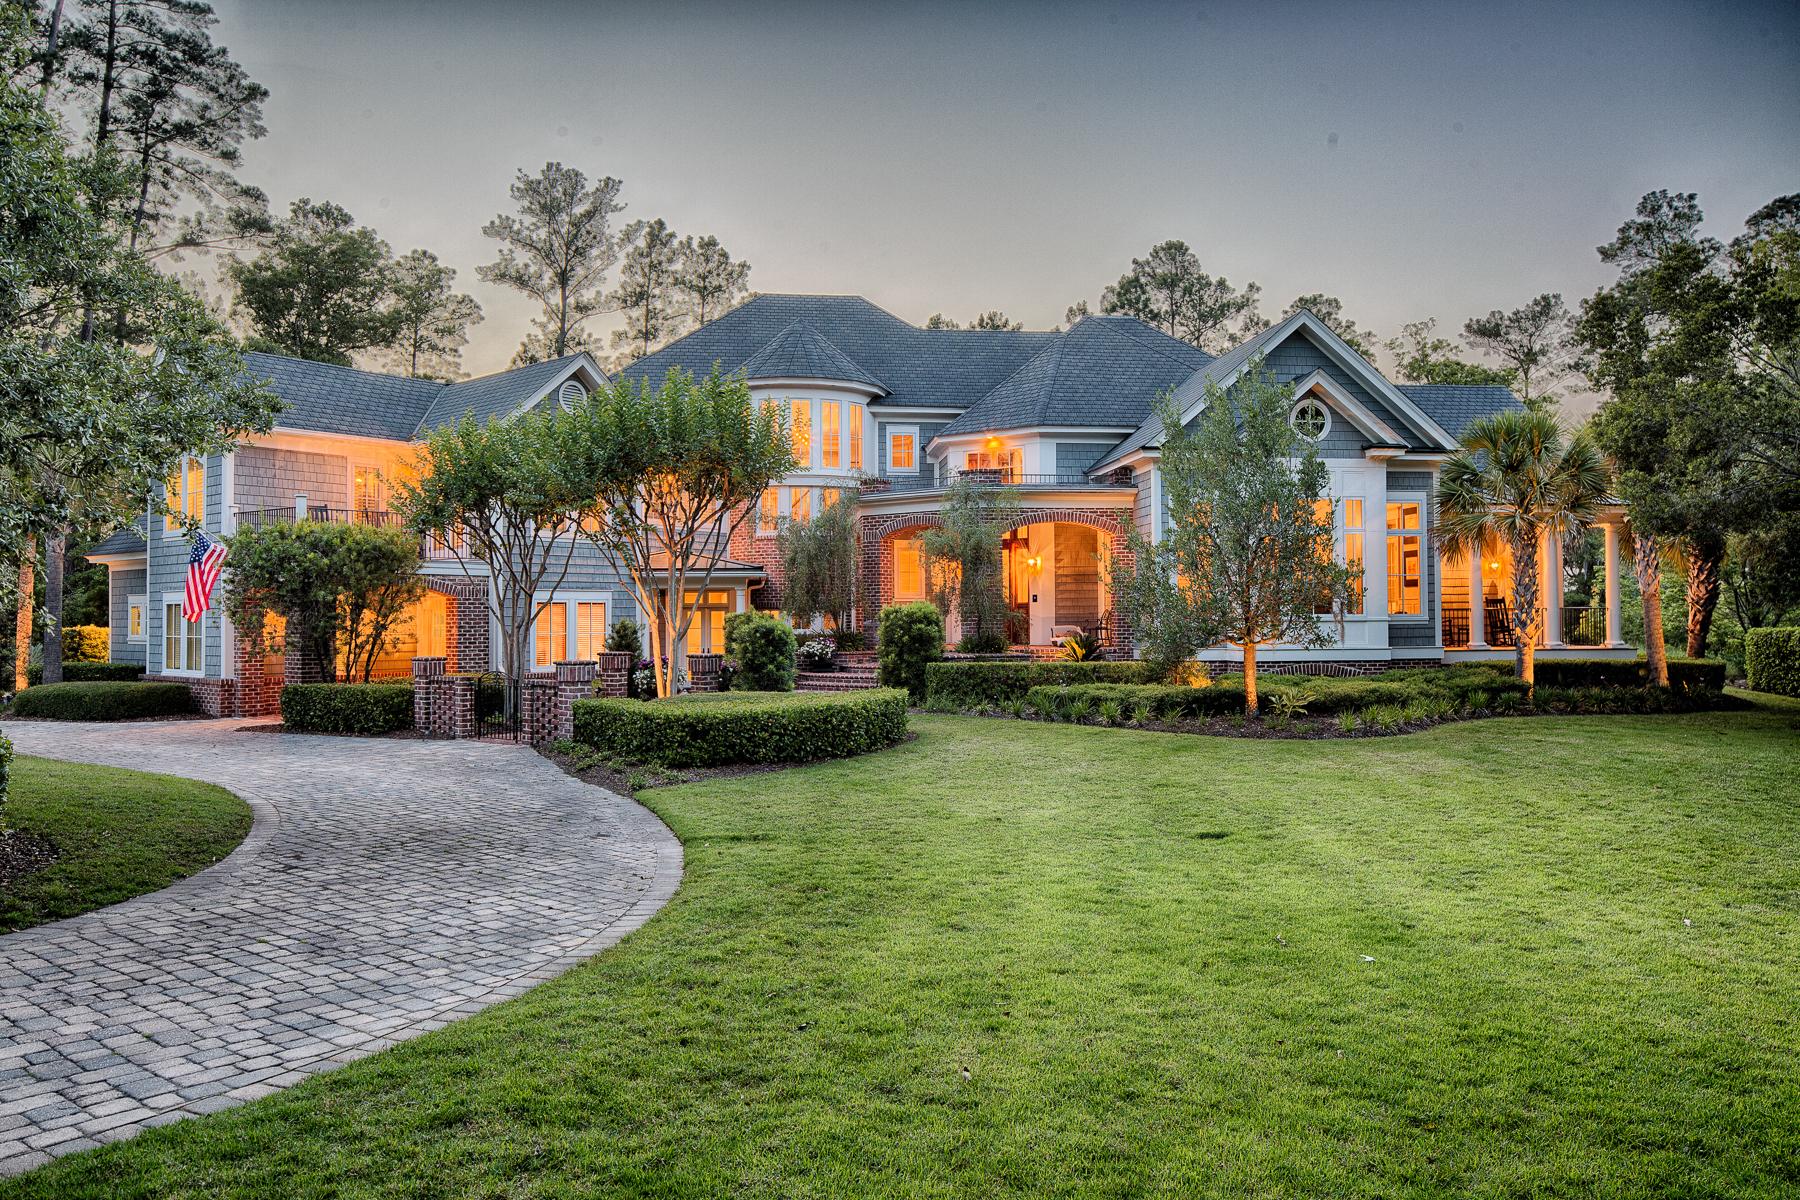 단독 가정 주택 용 매매 에 45 Holly Grove Road Bluffton, 사우스캐놀라이나, 29909 미국